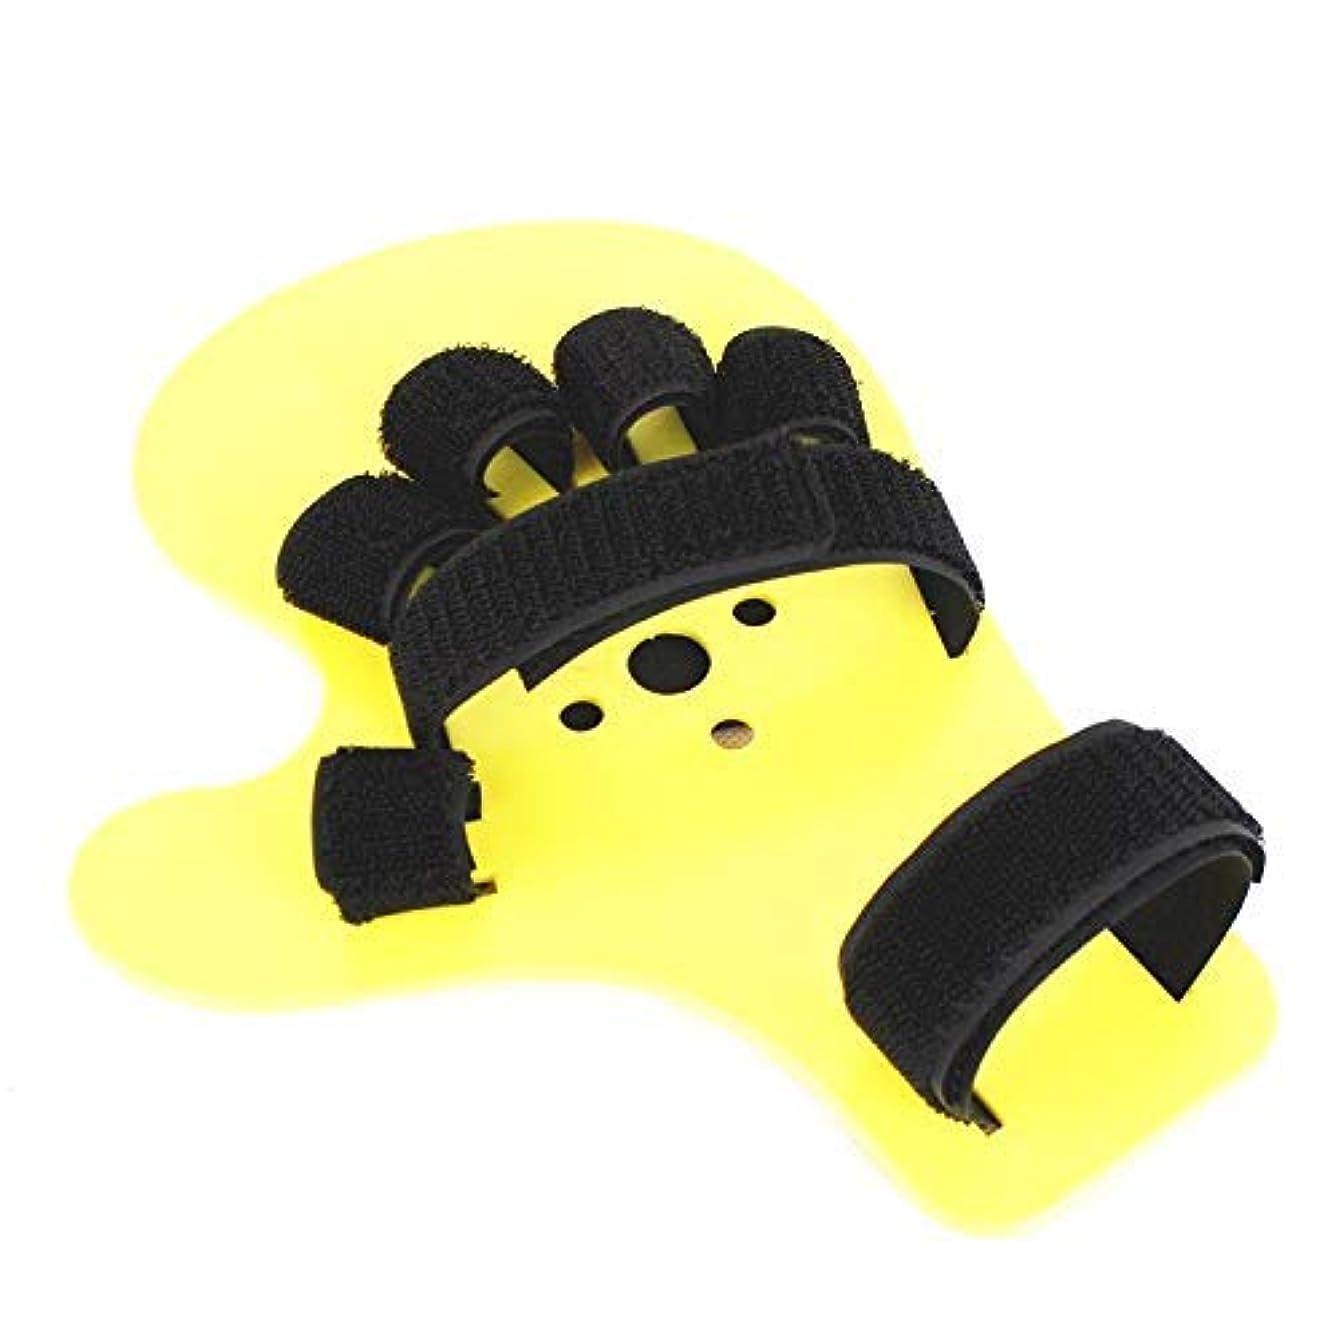 無視する変成器政治家フィンガーアライナ、フィンガートレーニングボードハンドスプリントフィンガーボード、左右両用、つぶれ防止フィンガーセパレータ、片麻痺(1個)